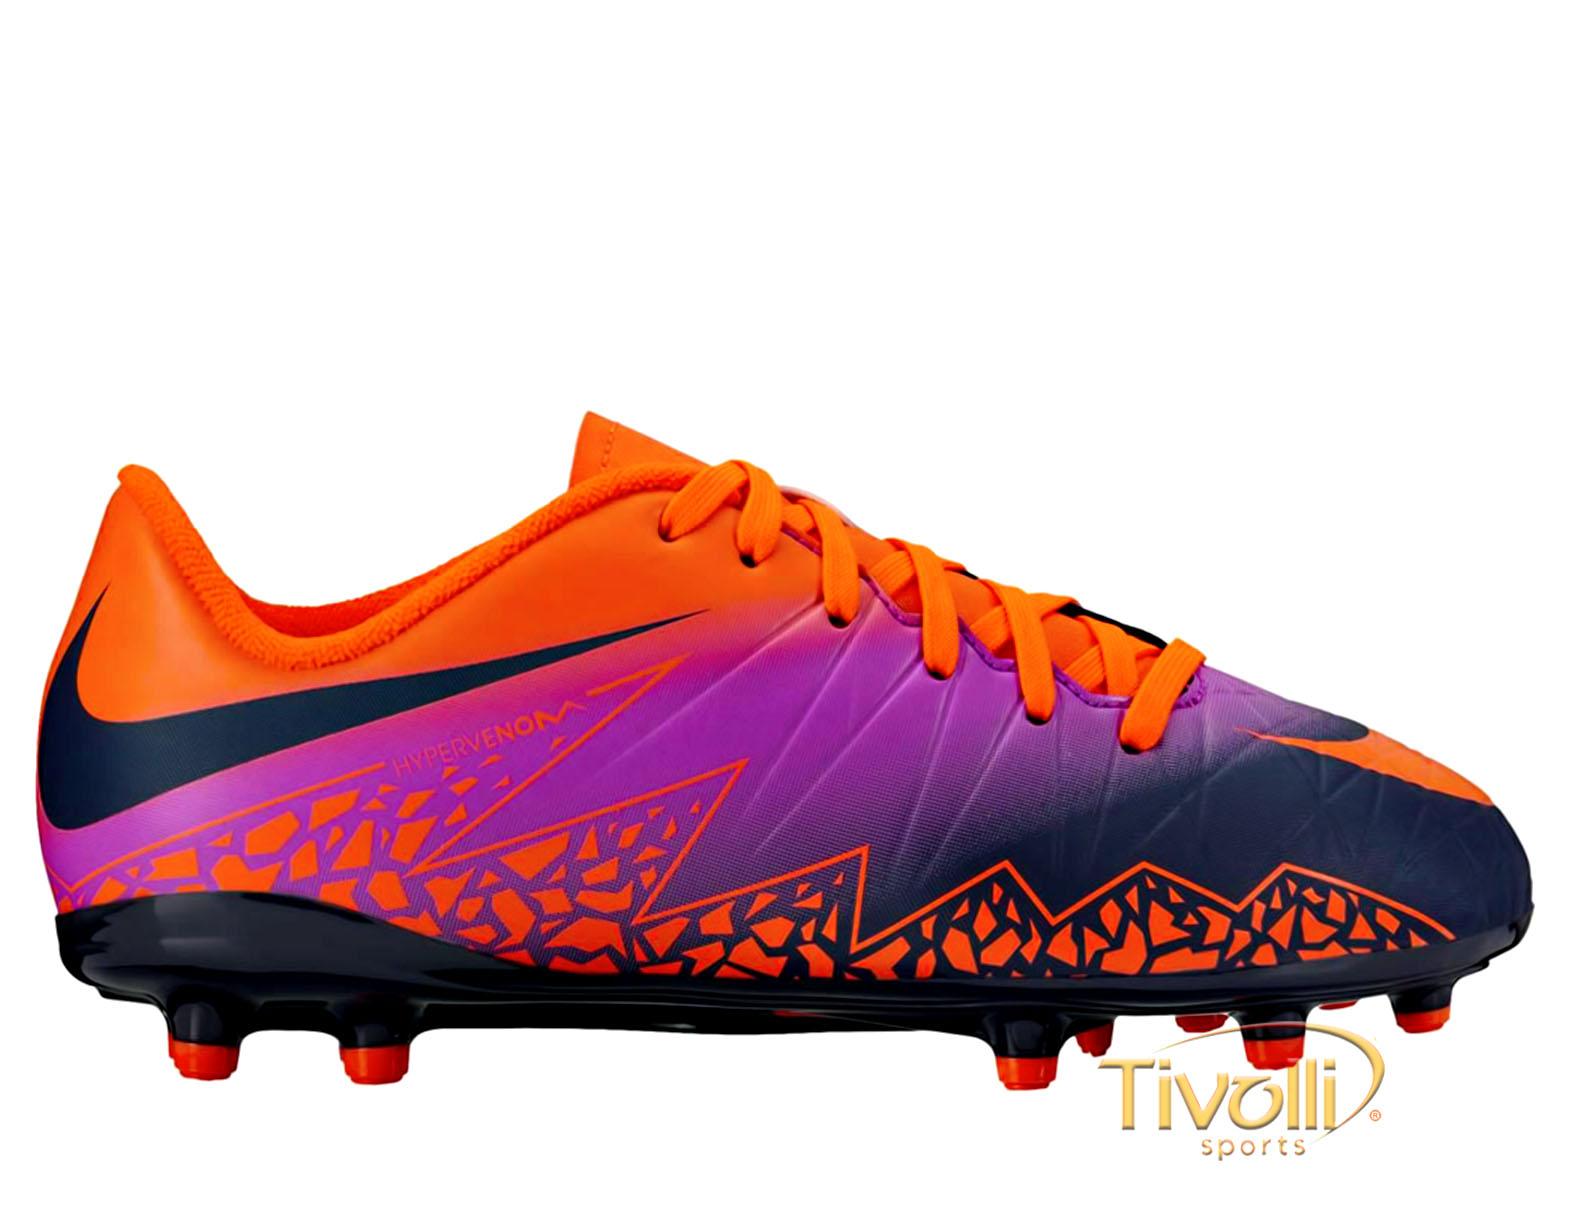 1dae8e4f03c2e Chuteira Nike Hypervenom Phelon II FG Campo